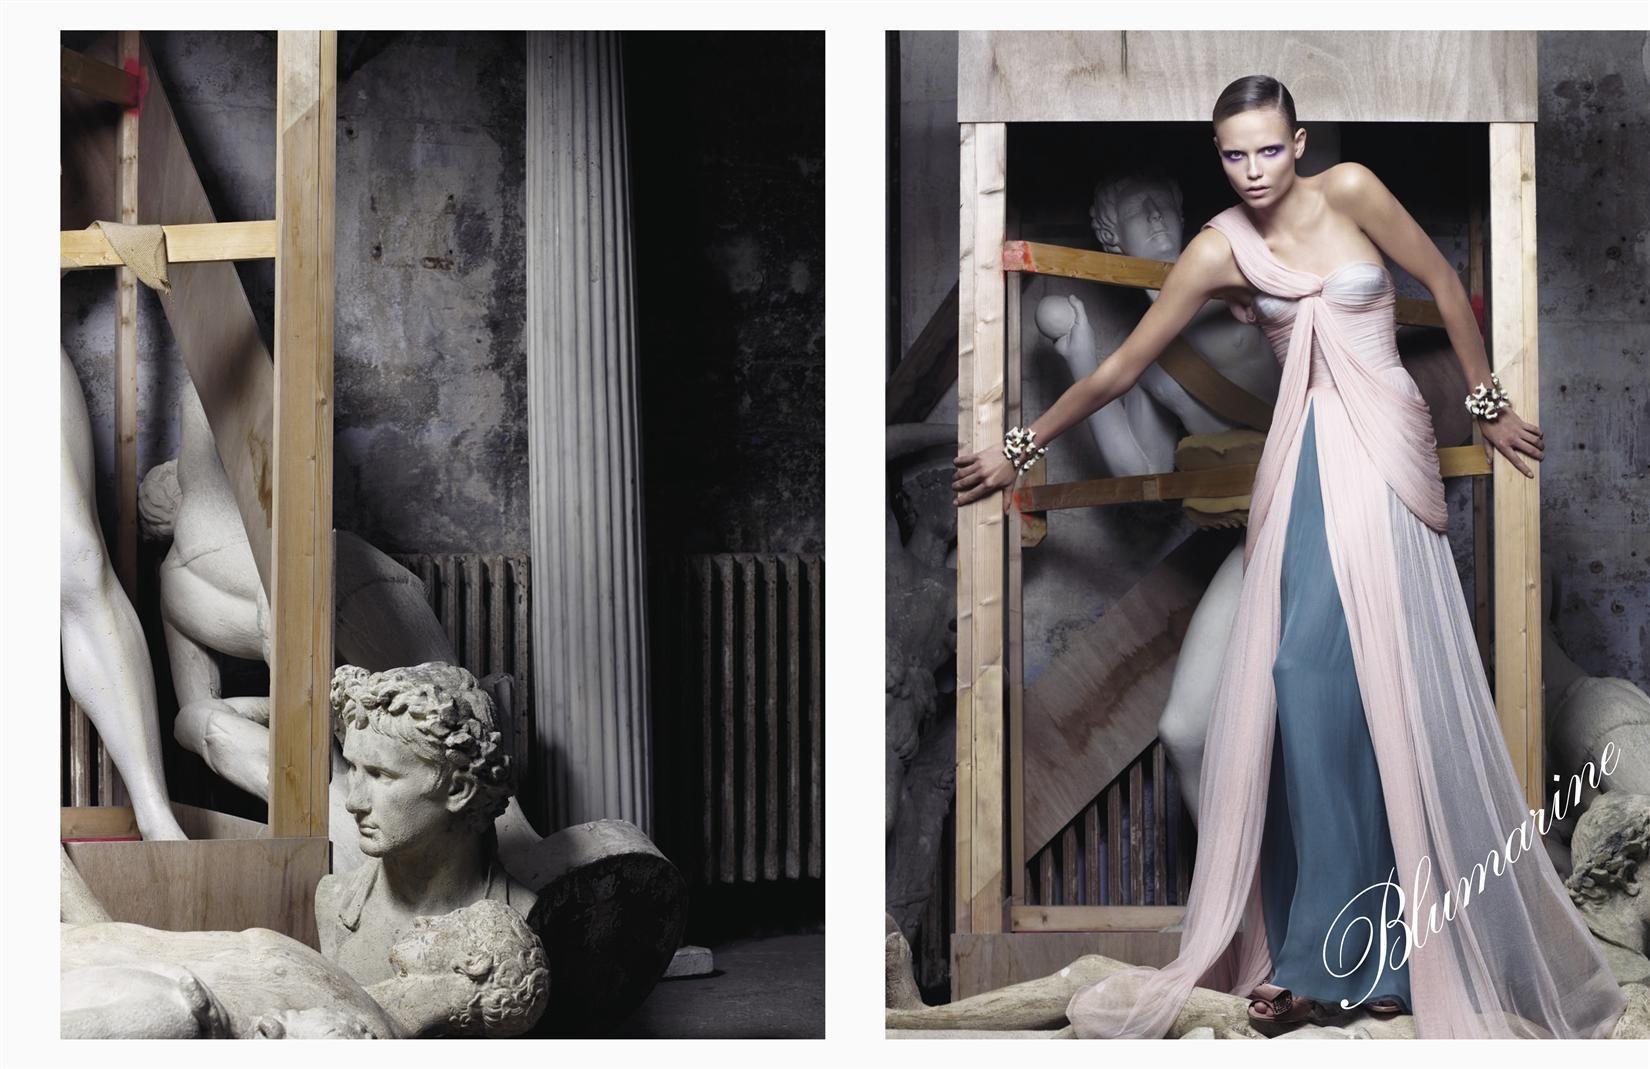 Art + Commerce - Artists - Creative Directors - M/M (Paris) - Fashion: Advertising